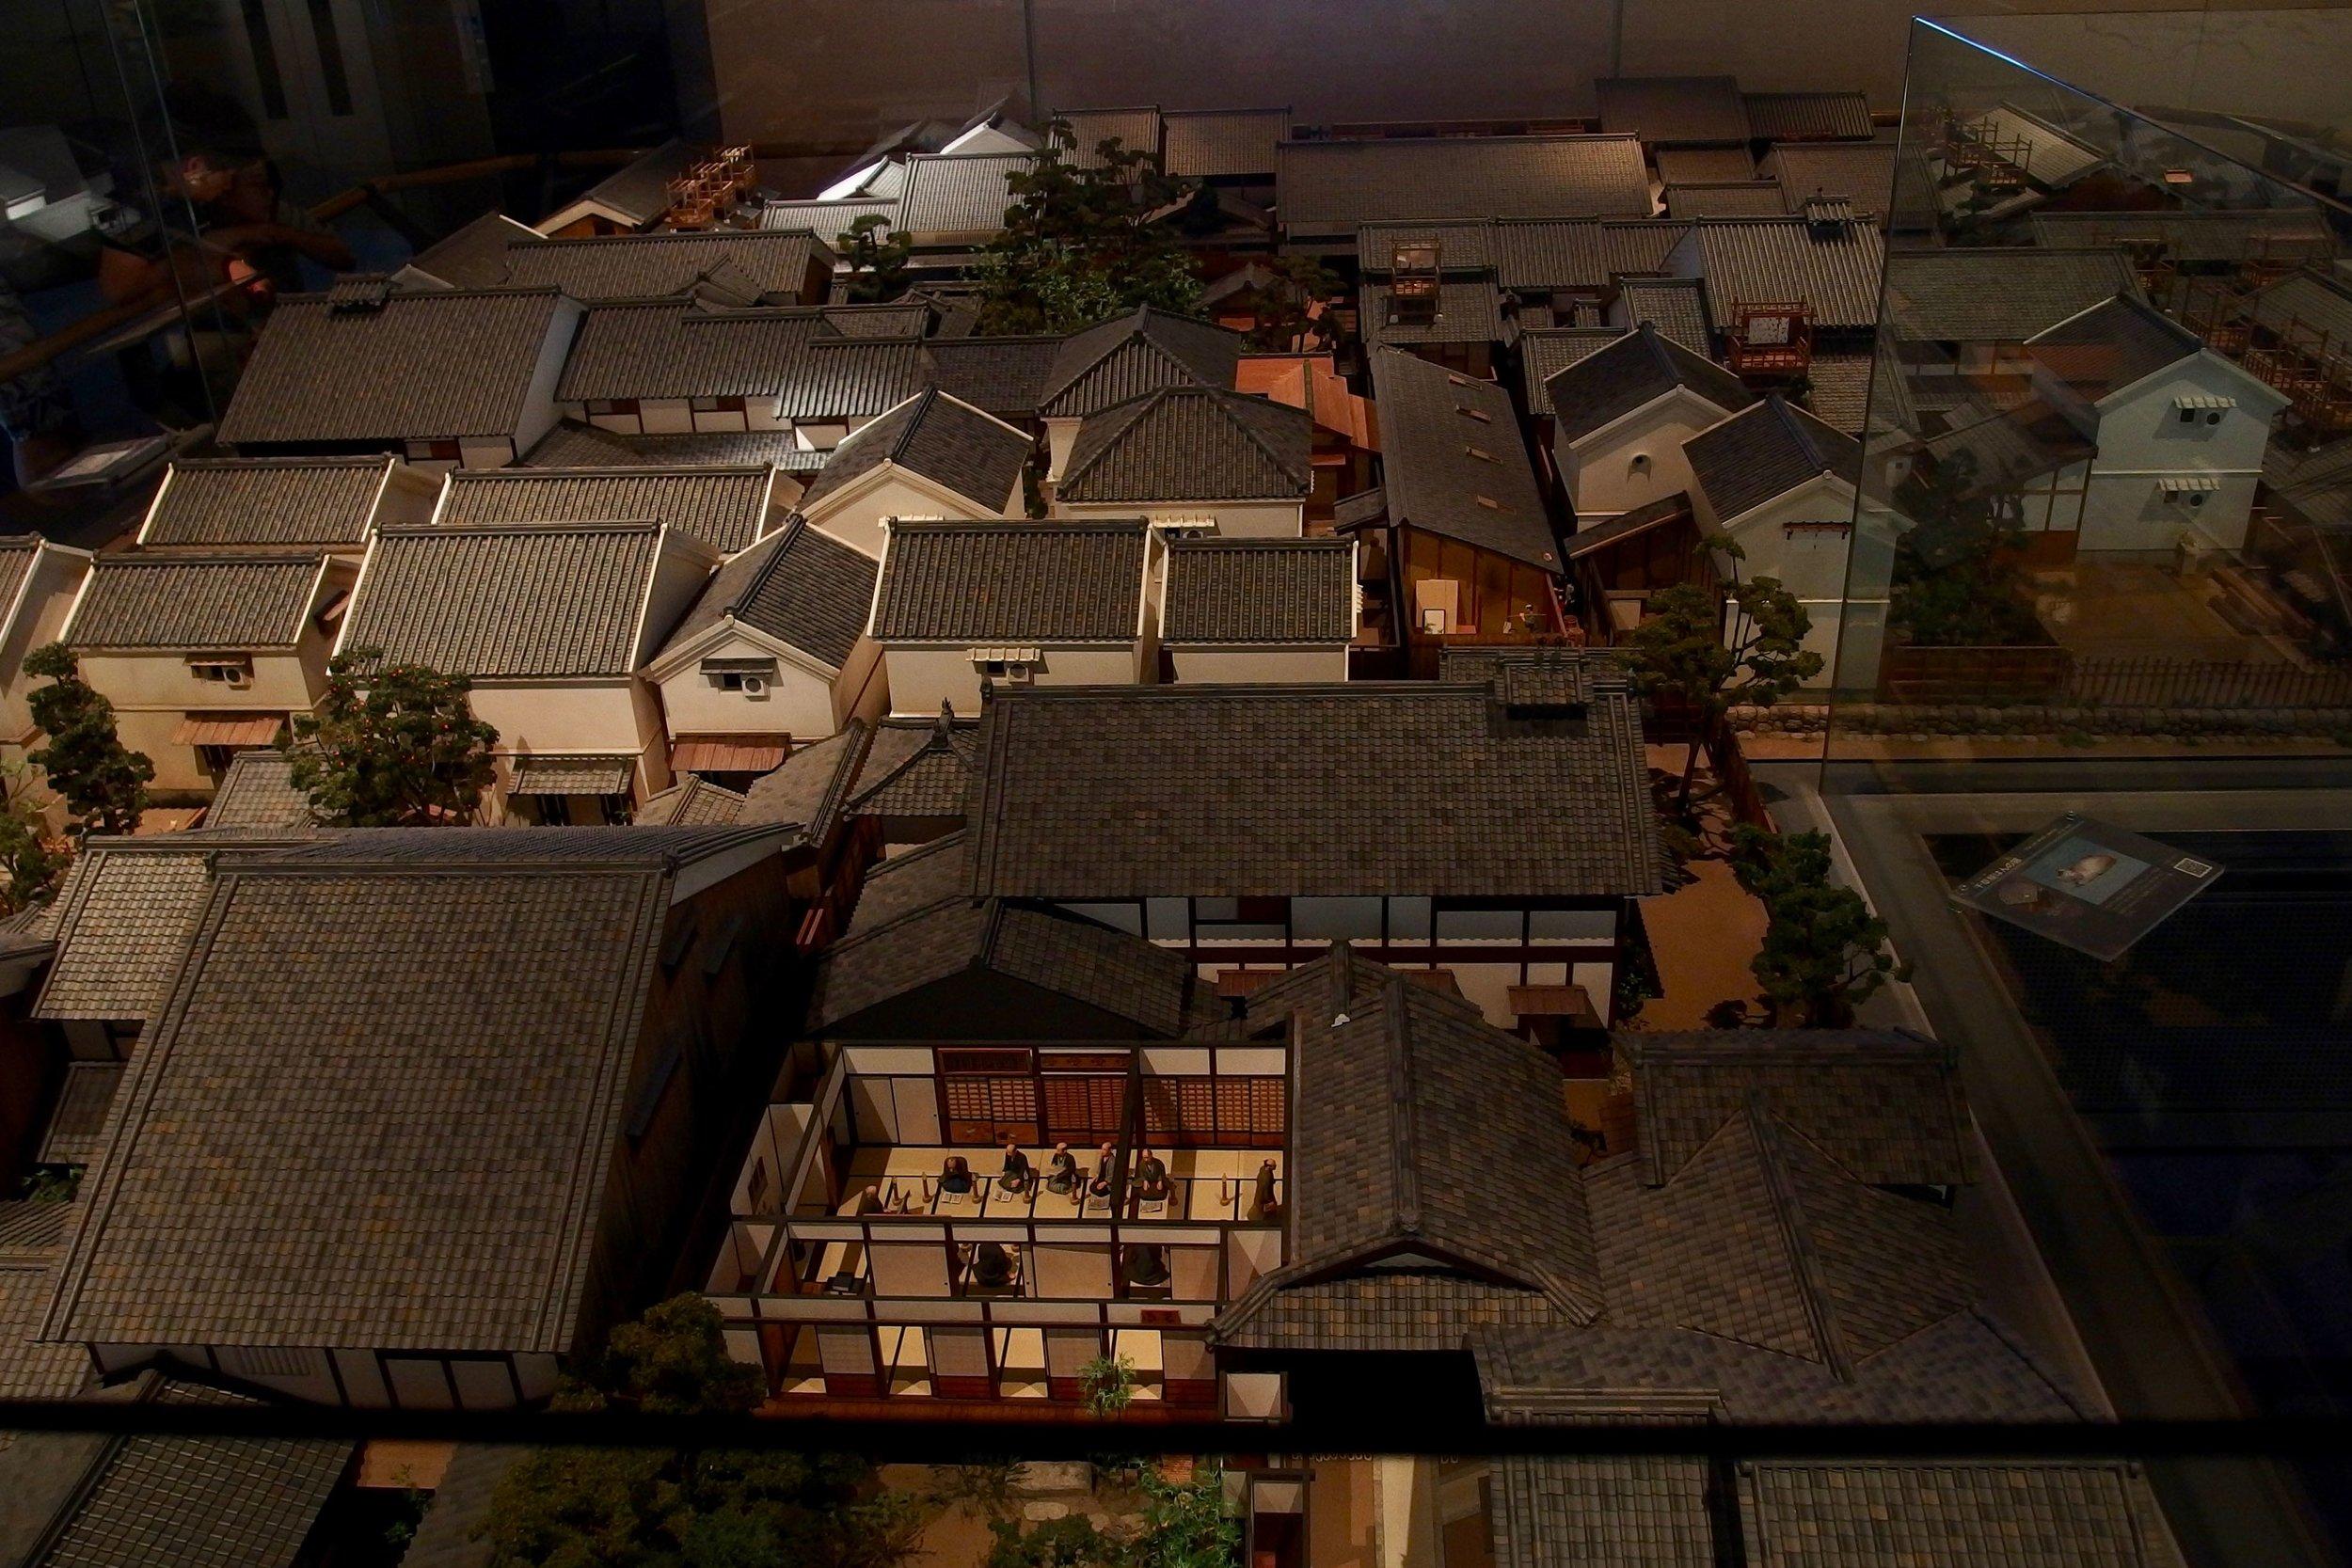 osaka museum of history model housing.jpg